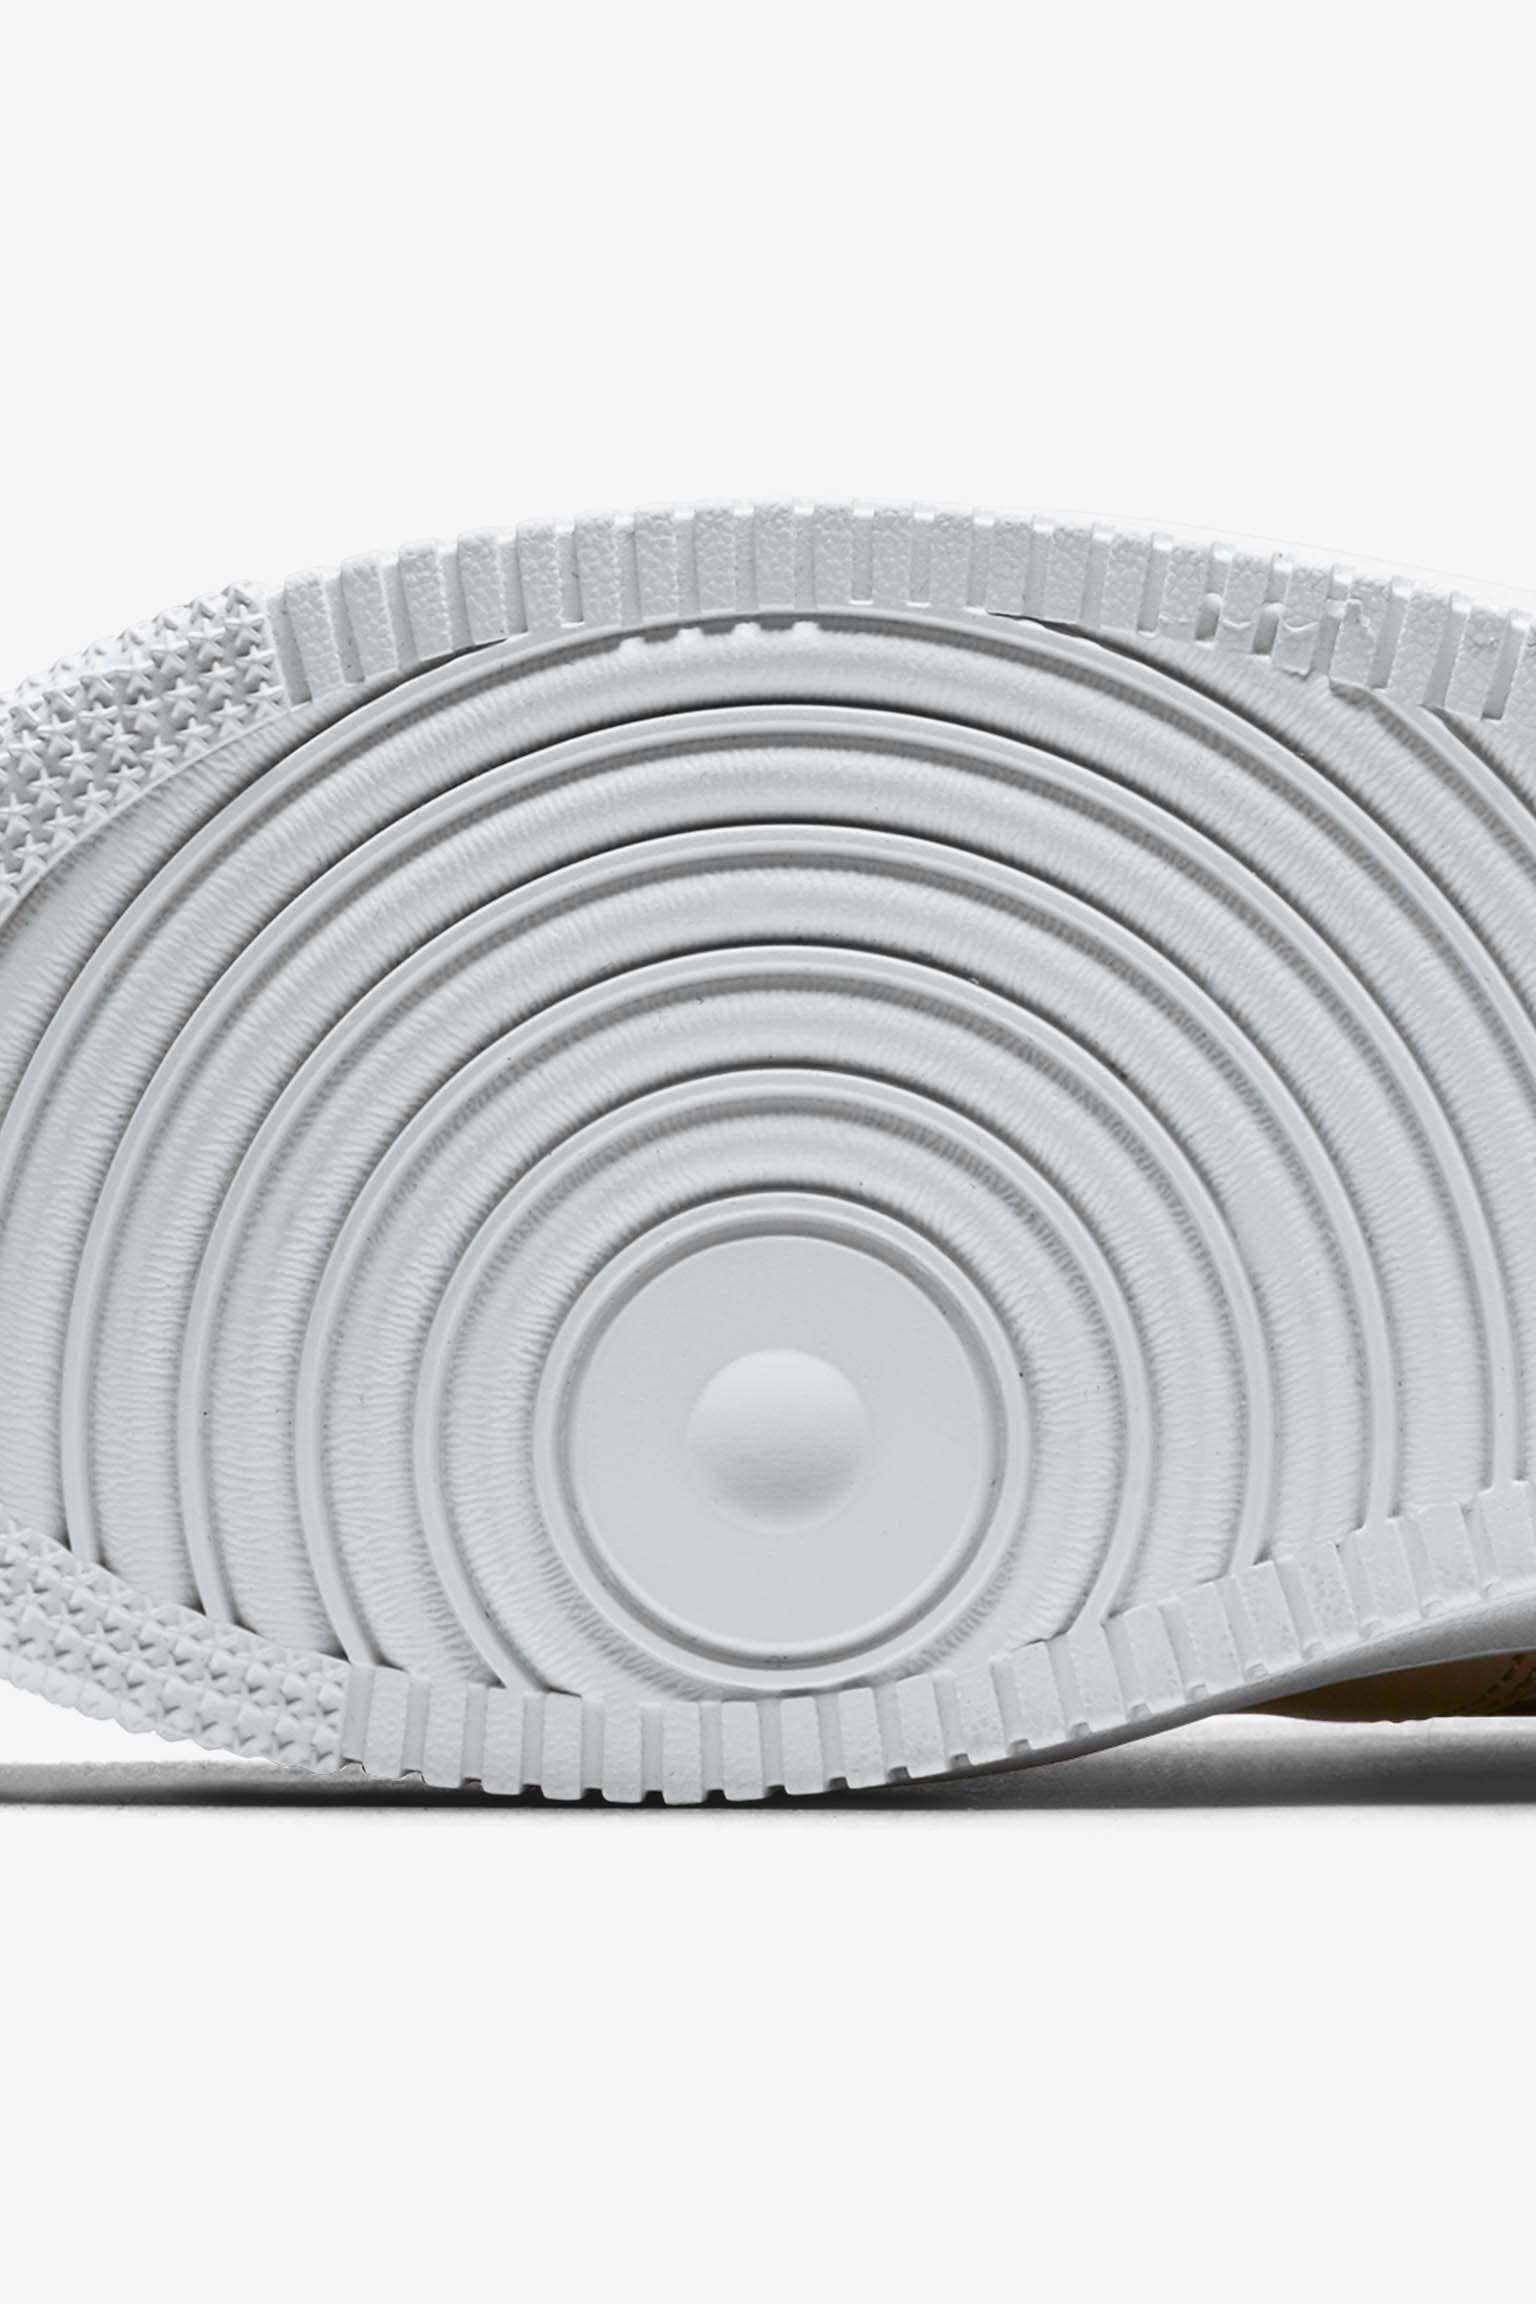 Nike Women's Air Force 1 'Bio Beige & Metallic Silver' Release Date